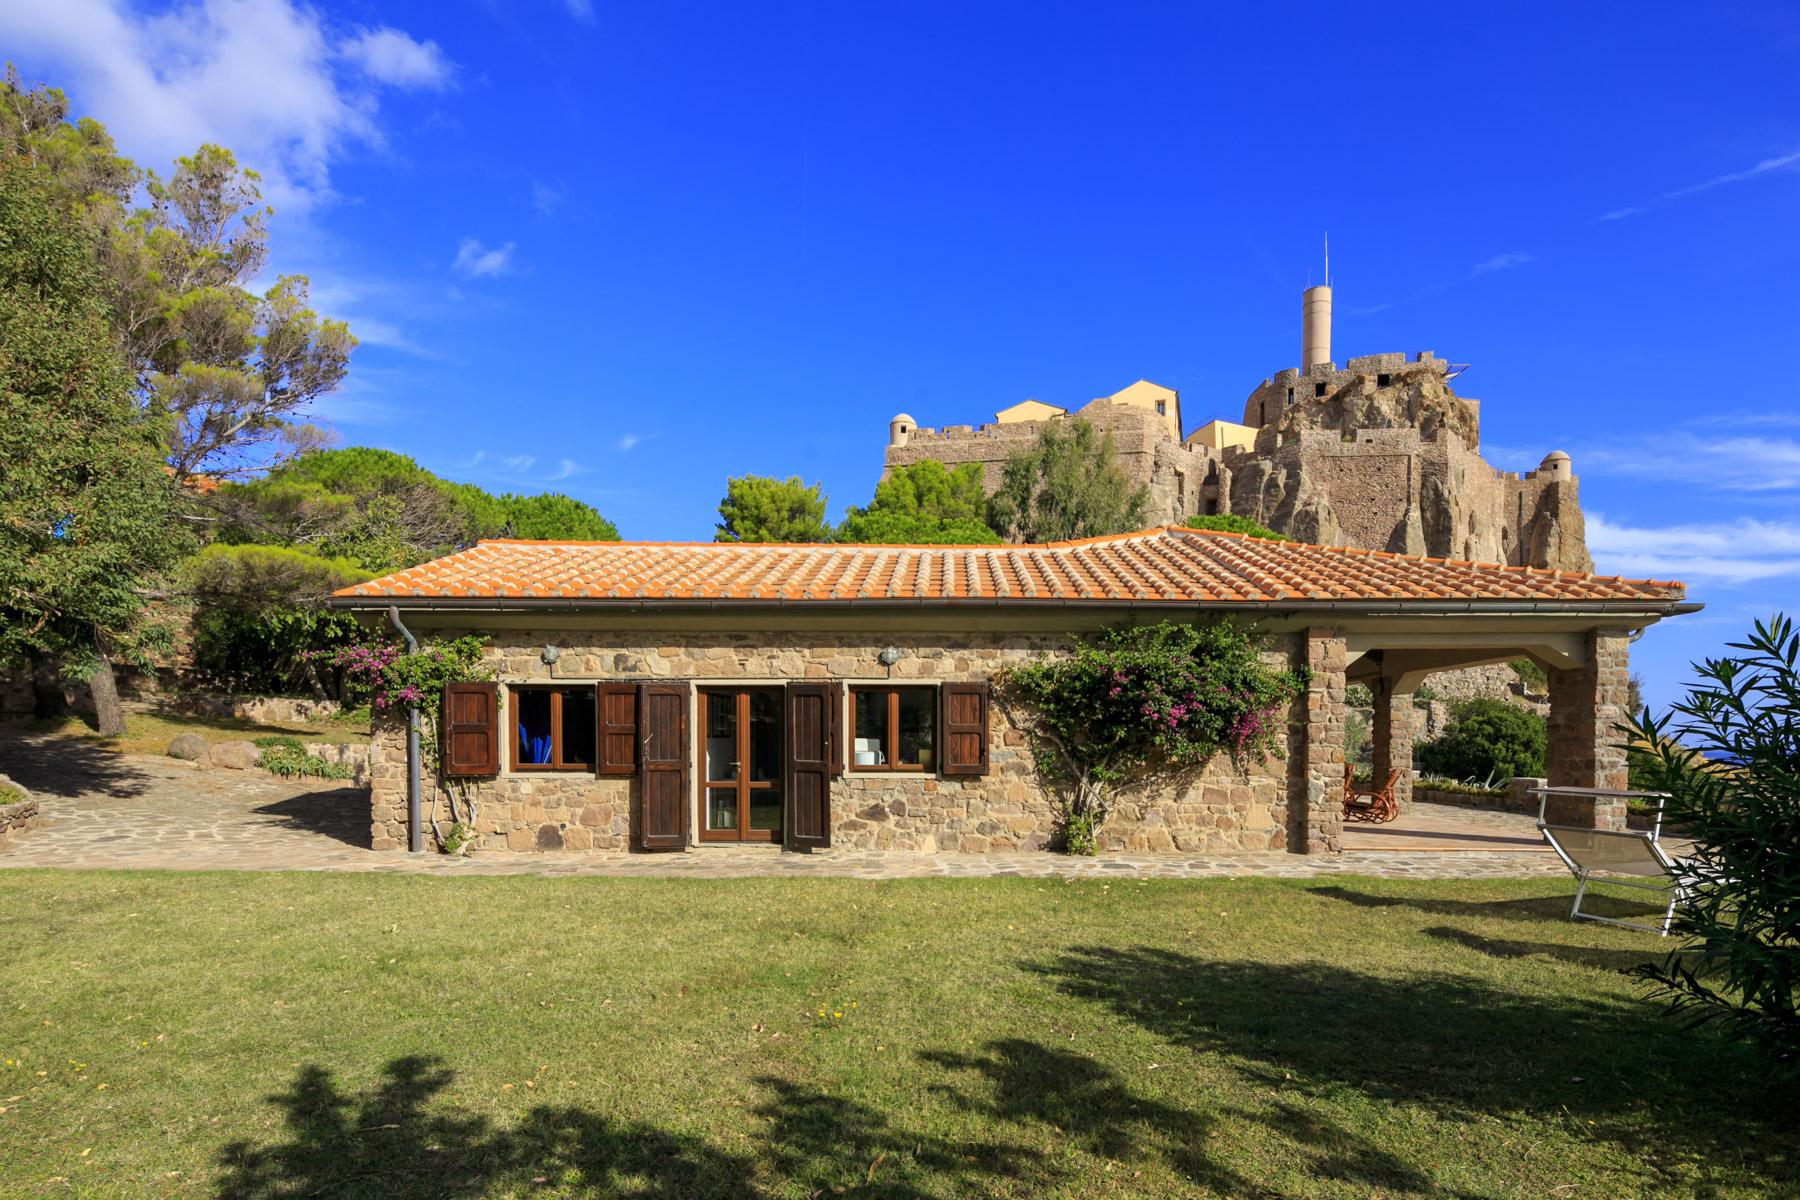 Villa in Vendita a Capraia Isola: 5 locali, 320 mq - Foto 5